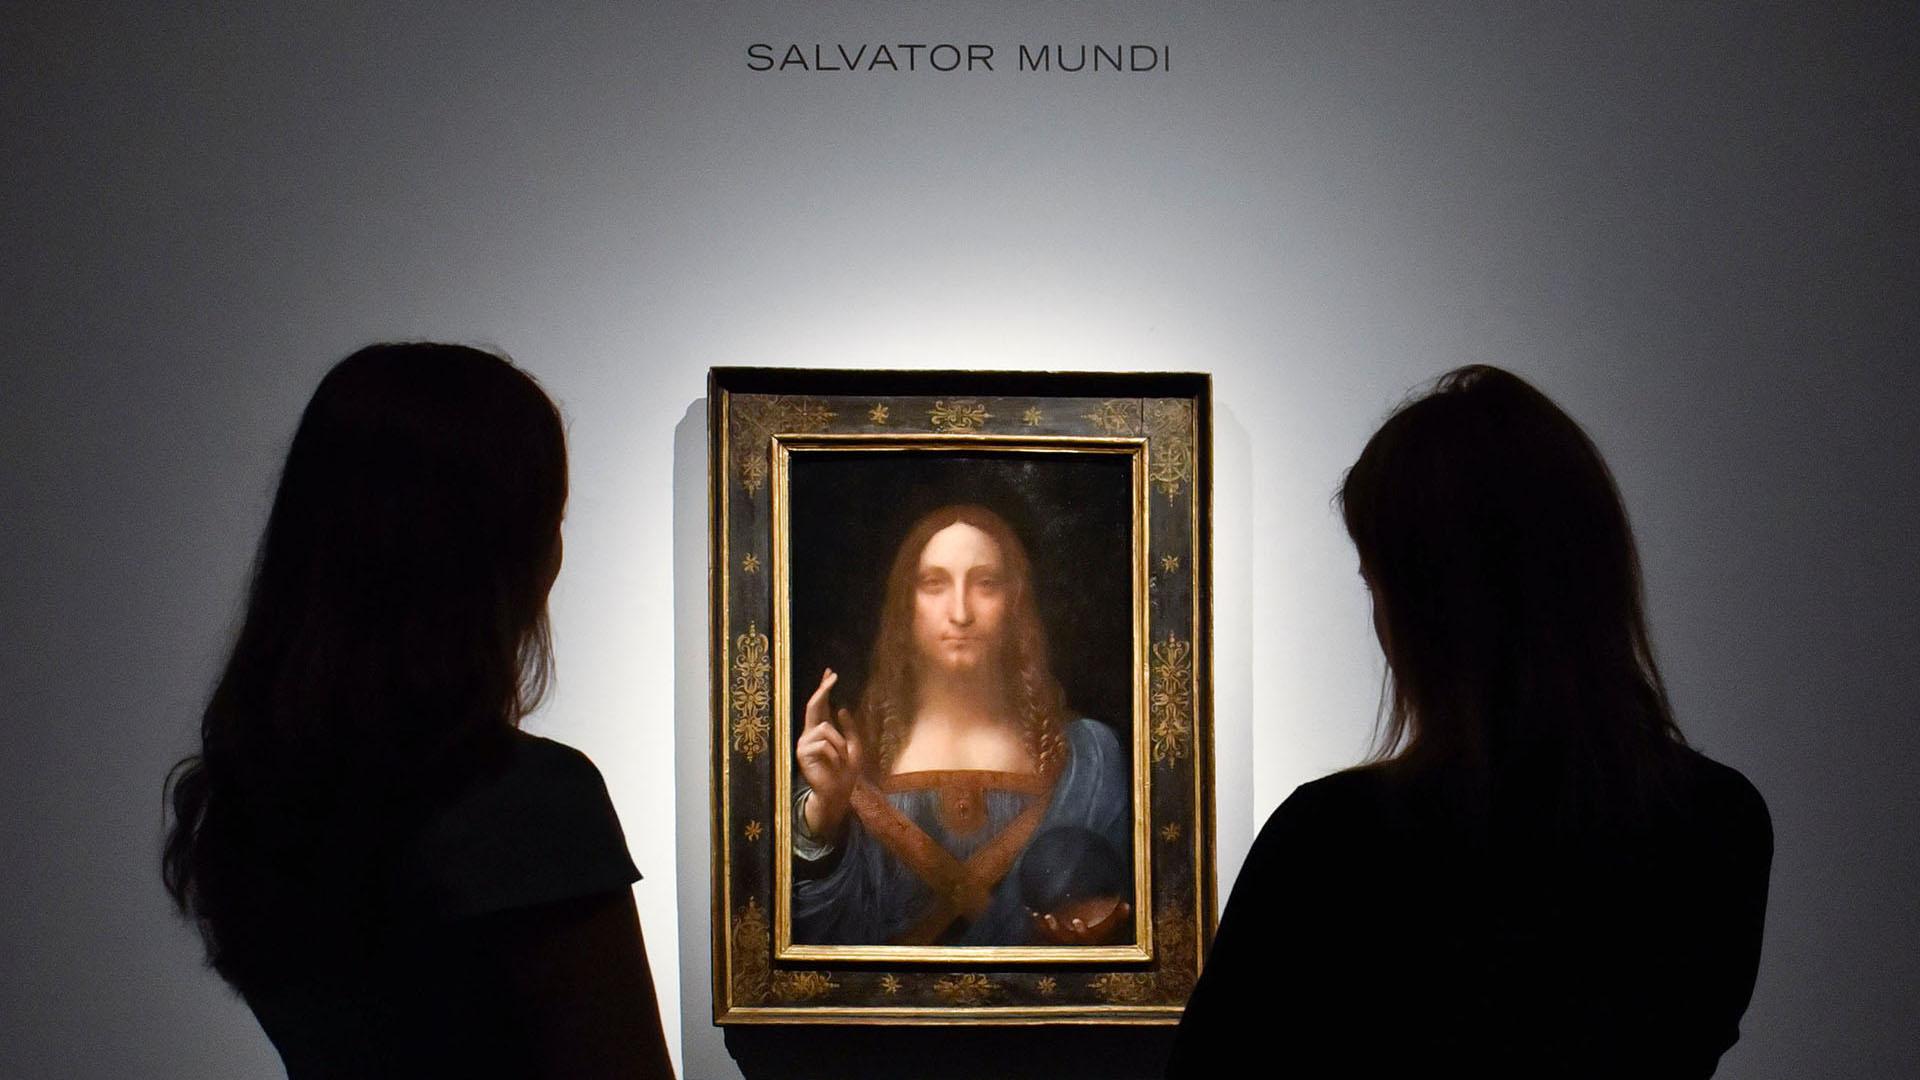 Salvator Mundi'nin eli sonradan mı eklendi?